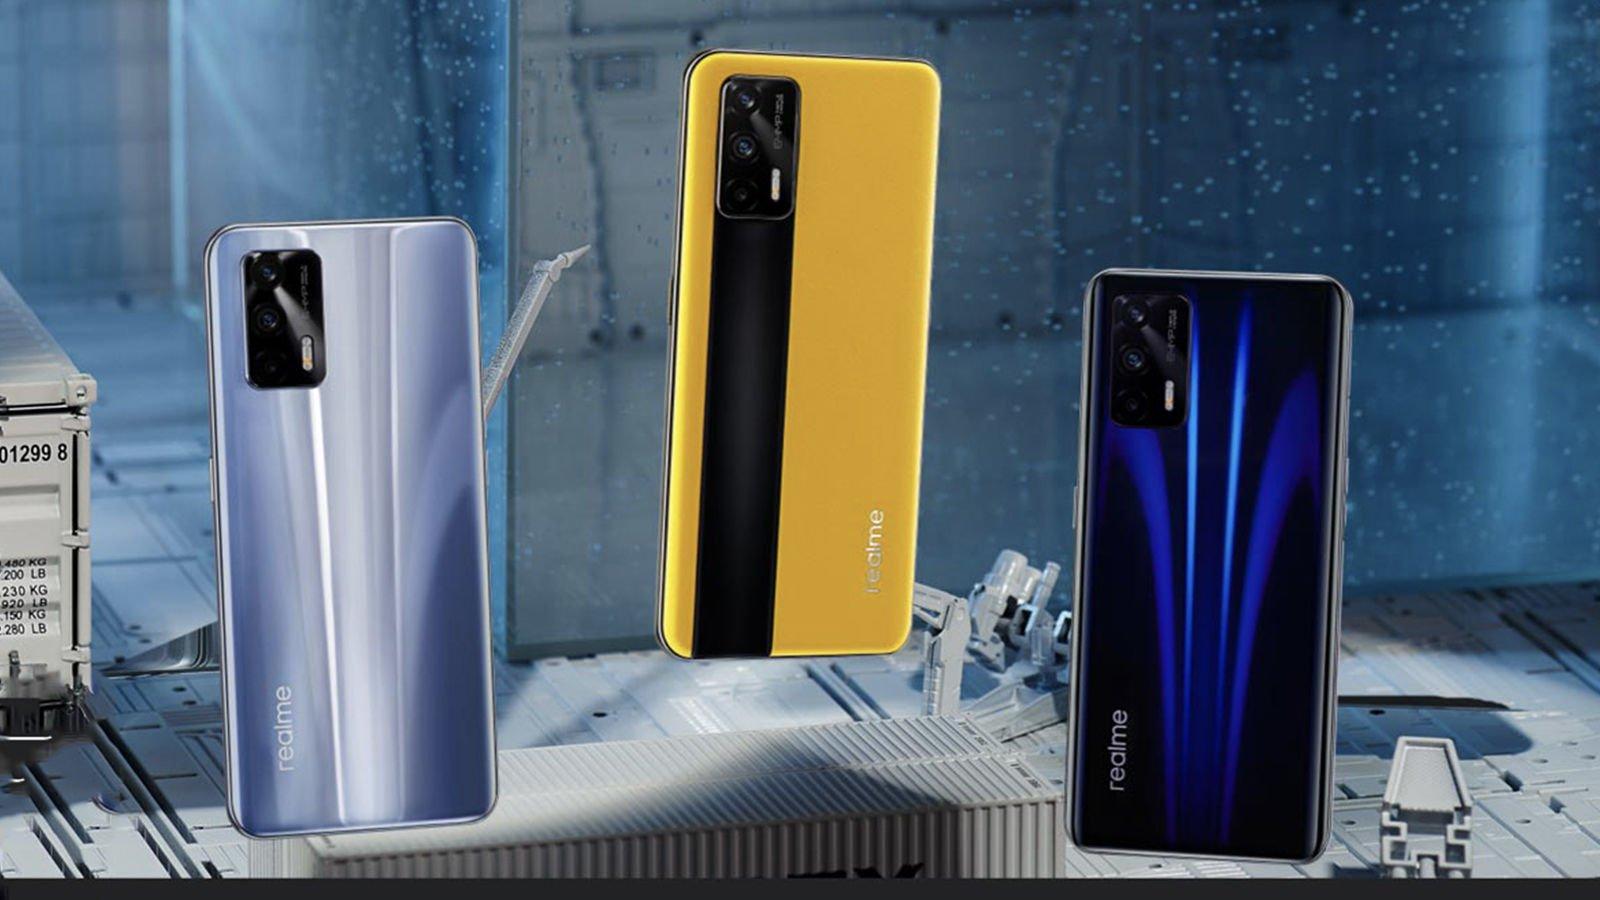 Realme GT vs Samsung Galaxy S21 ,Realme GT Camera Samsung Galaxy S21,Realme GT Camera Vs Samsung Galaxy S21 Camera,Realme GT Vs Samsung Galaxy S21 Speed,Realme GT Camera, Samsung Galaxy S21 Cama